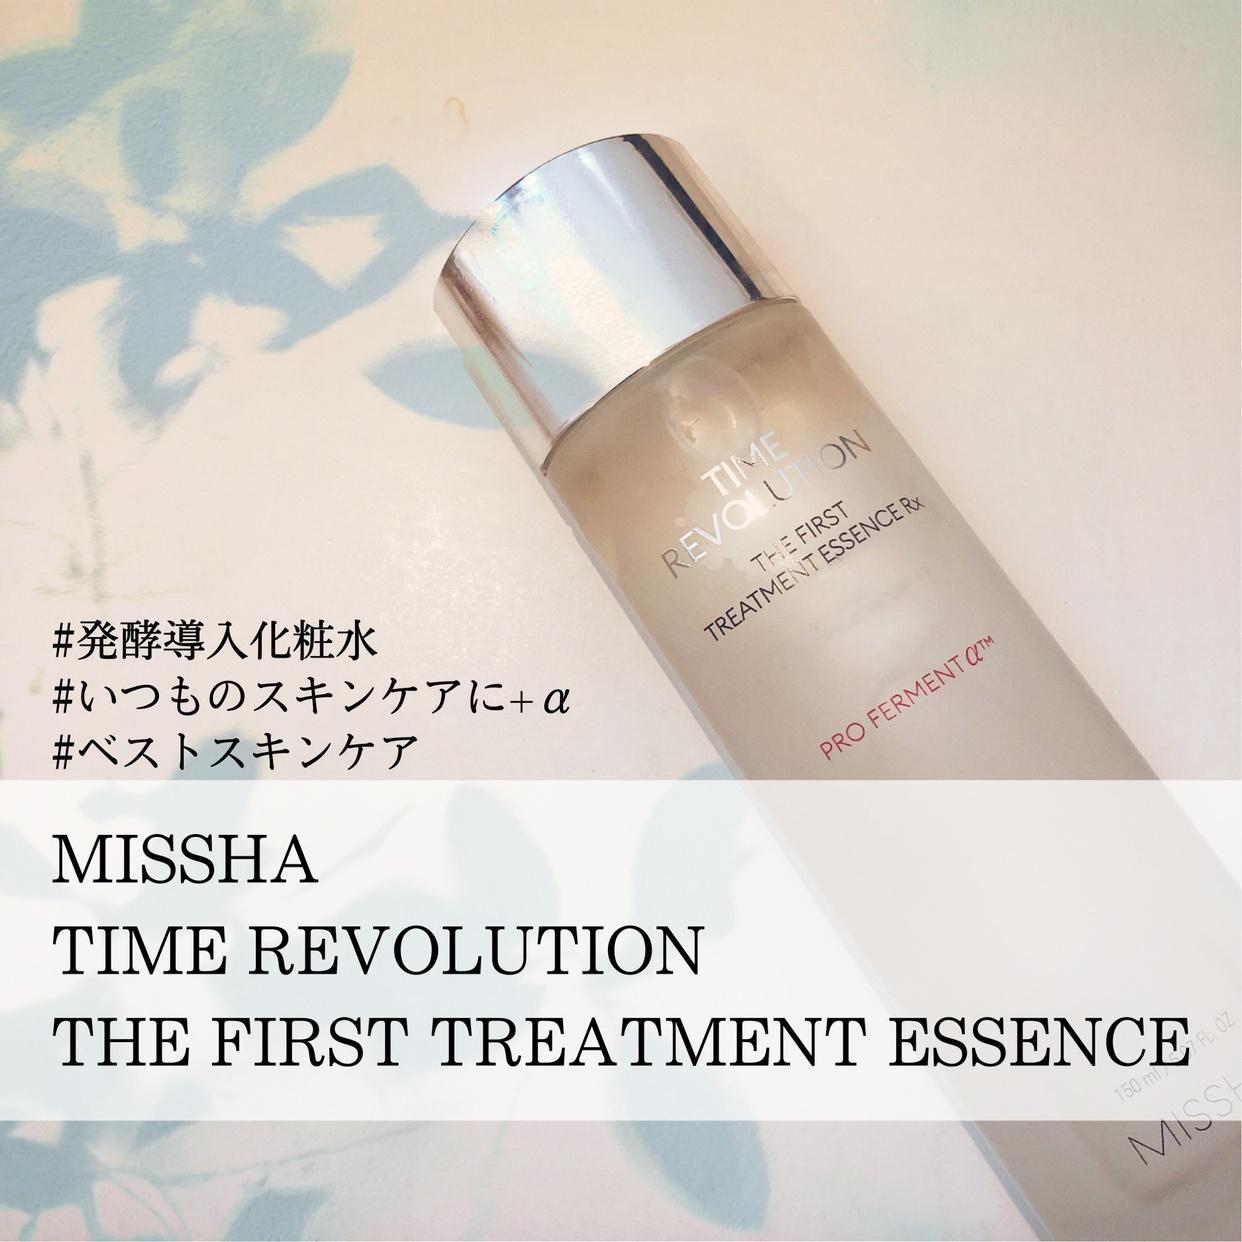 MISSHA(ミシャ) レボリューション タイム ザ ファースト トリートメント エッセンス RXの良い点・メリットに関するsachikoさんの口コミ画像1